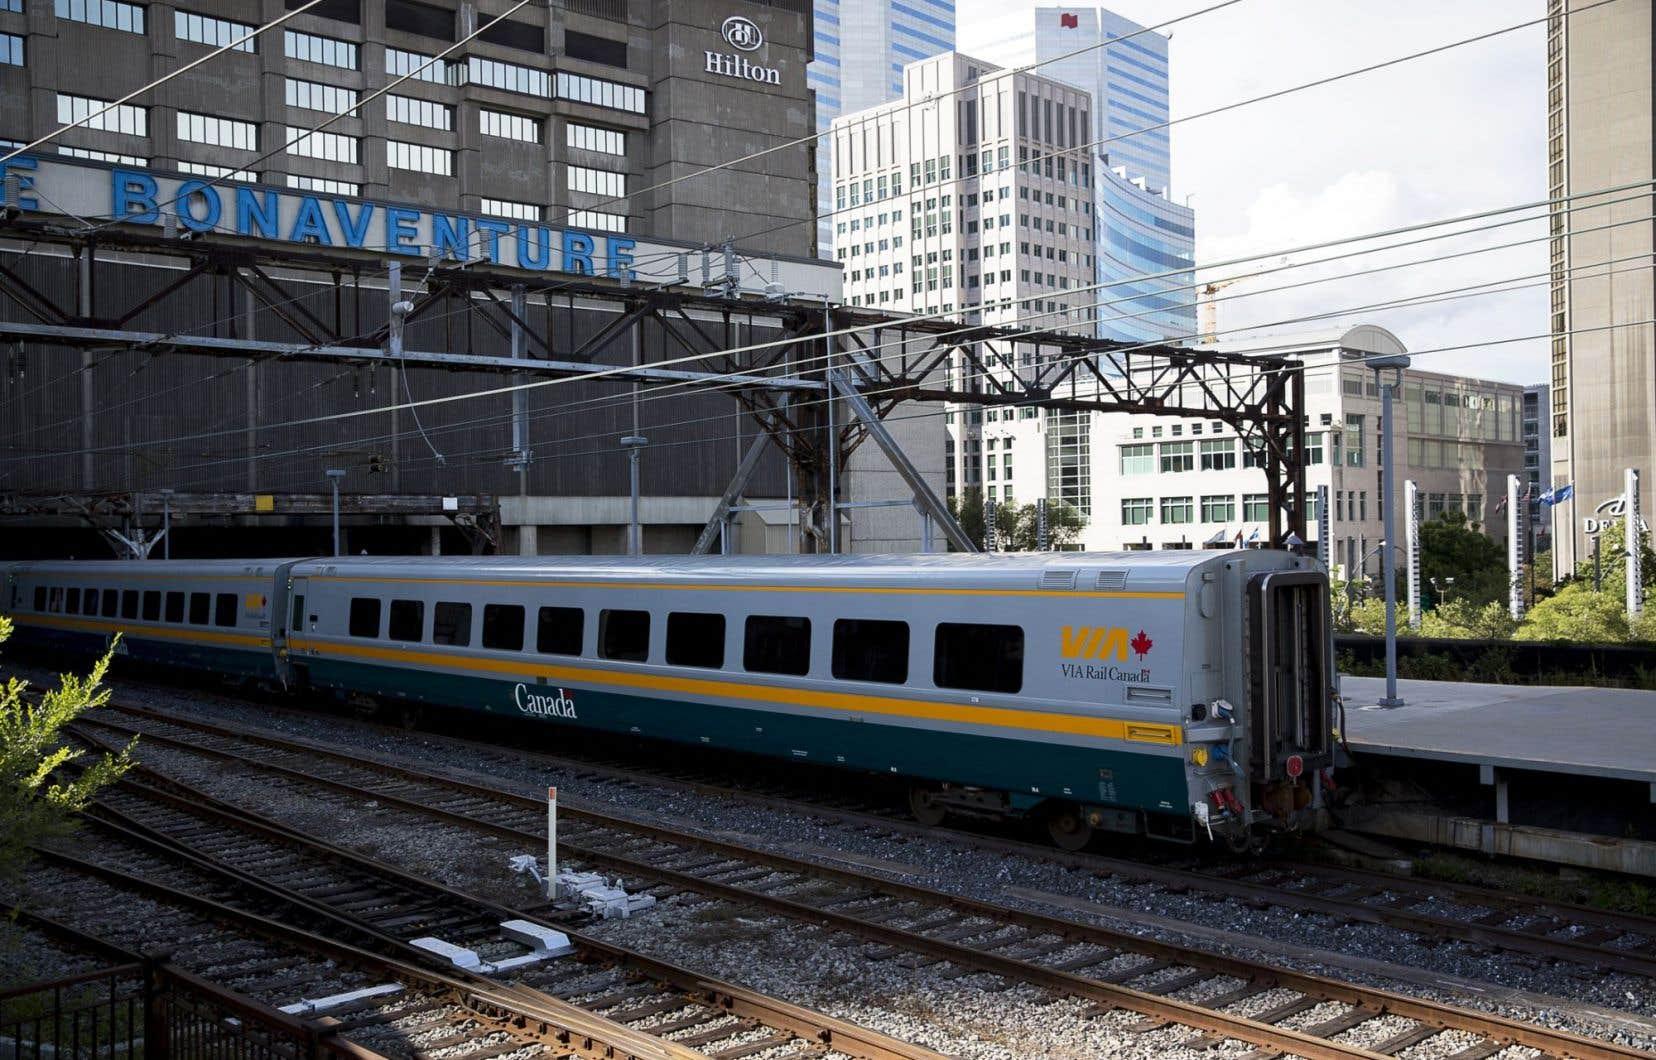 «Les trains de Via Rail sont régulièrement en retard en raison de trains de marchandises dont la vitesse n'est pas synonyme de rentabilité», soulèvent les deux auteurs.